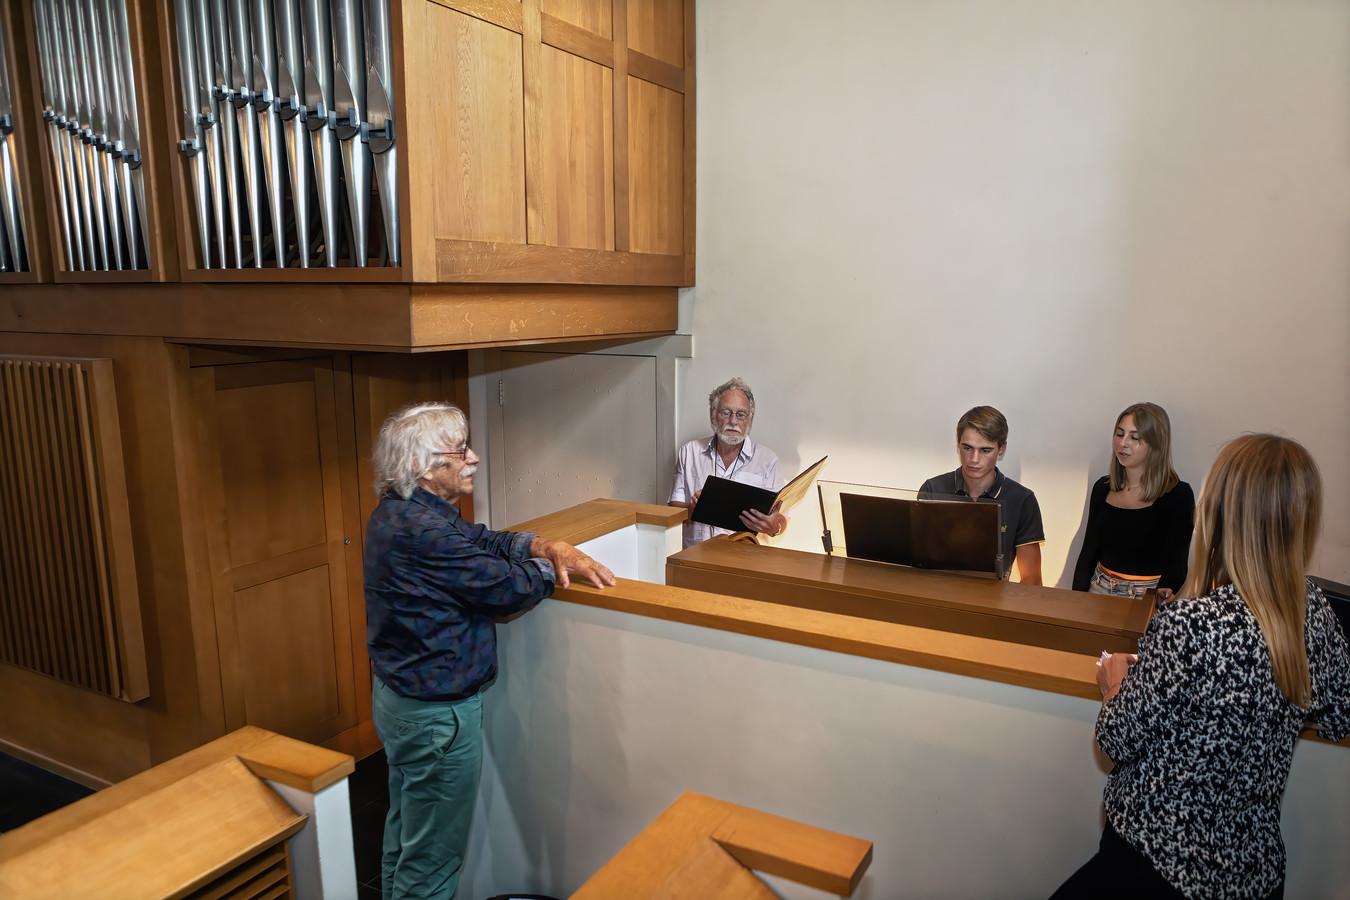 Scholieren van het Mgr Frenckencollege Timme (aan het orgel) en Emma repeteren samen met Rudi Oomen van Schola Cantorum in de kapel van Sint Catharinadal in Oosterhout voor een gregorap. Walther Halters (geheel links) kijkt goedkeurend toe.